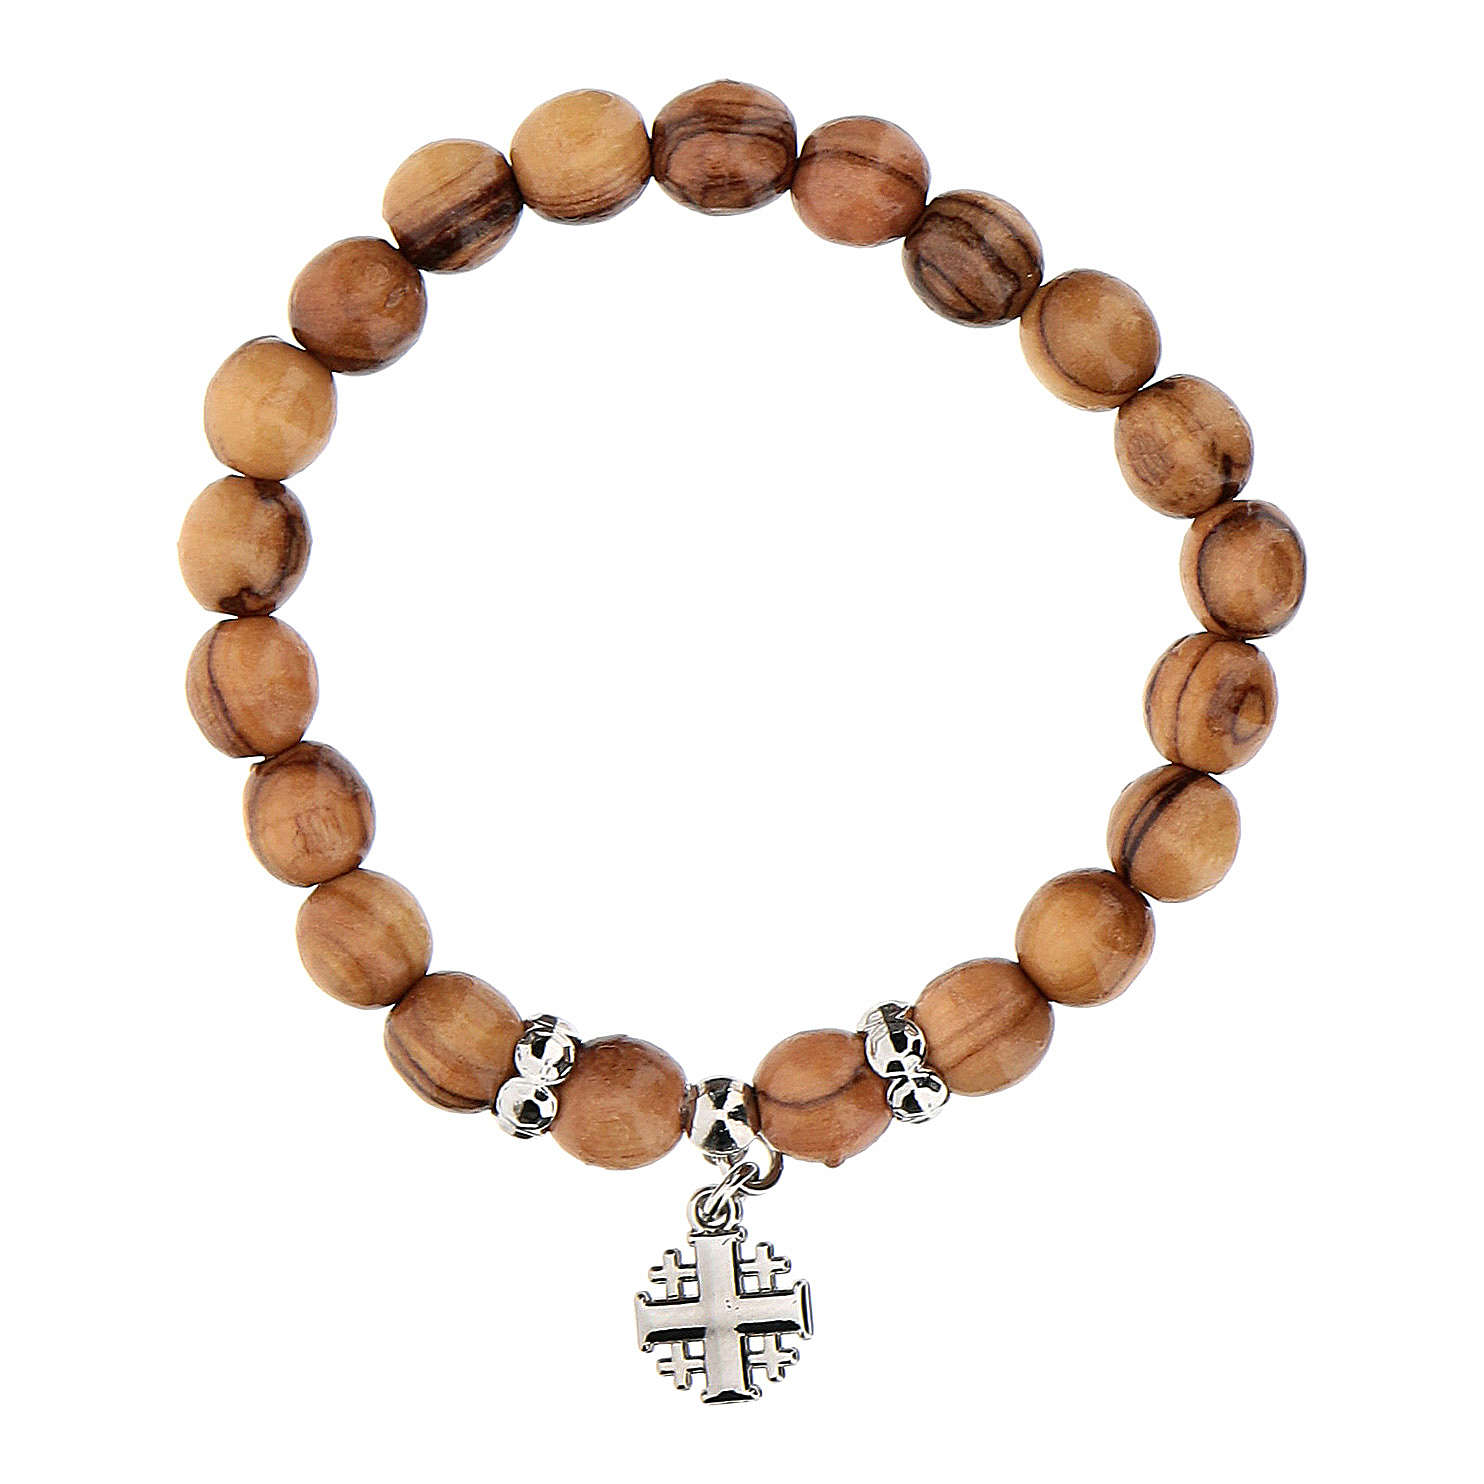 Bransoleta z drewna oliwkowego metalowy krzyż jerozolimski 4